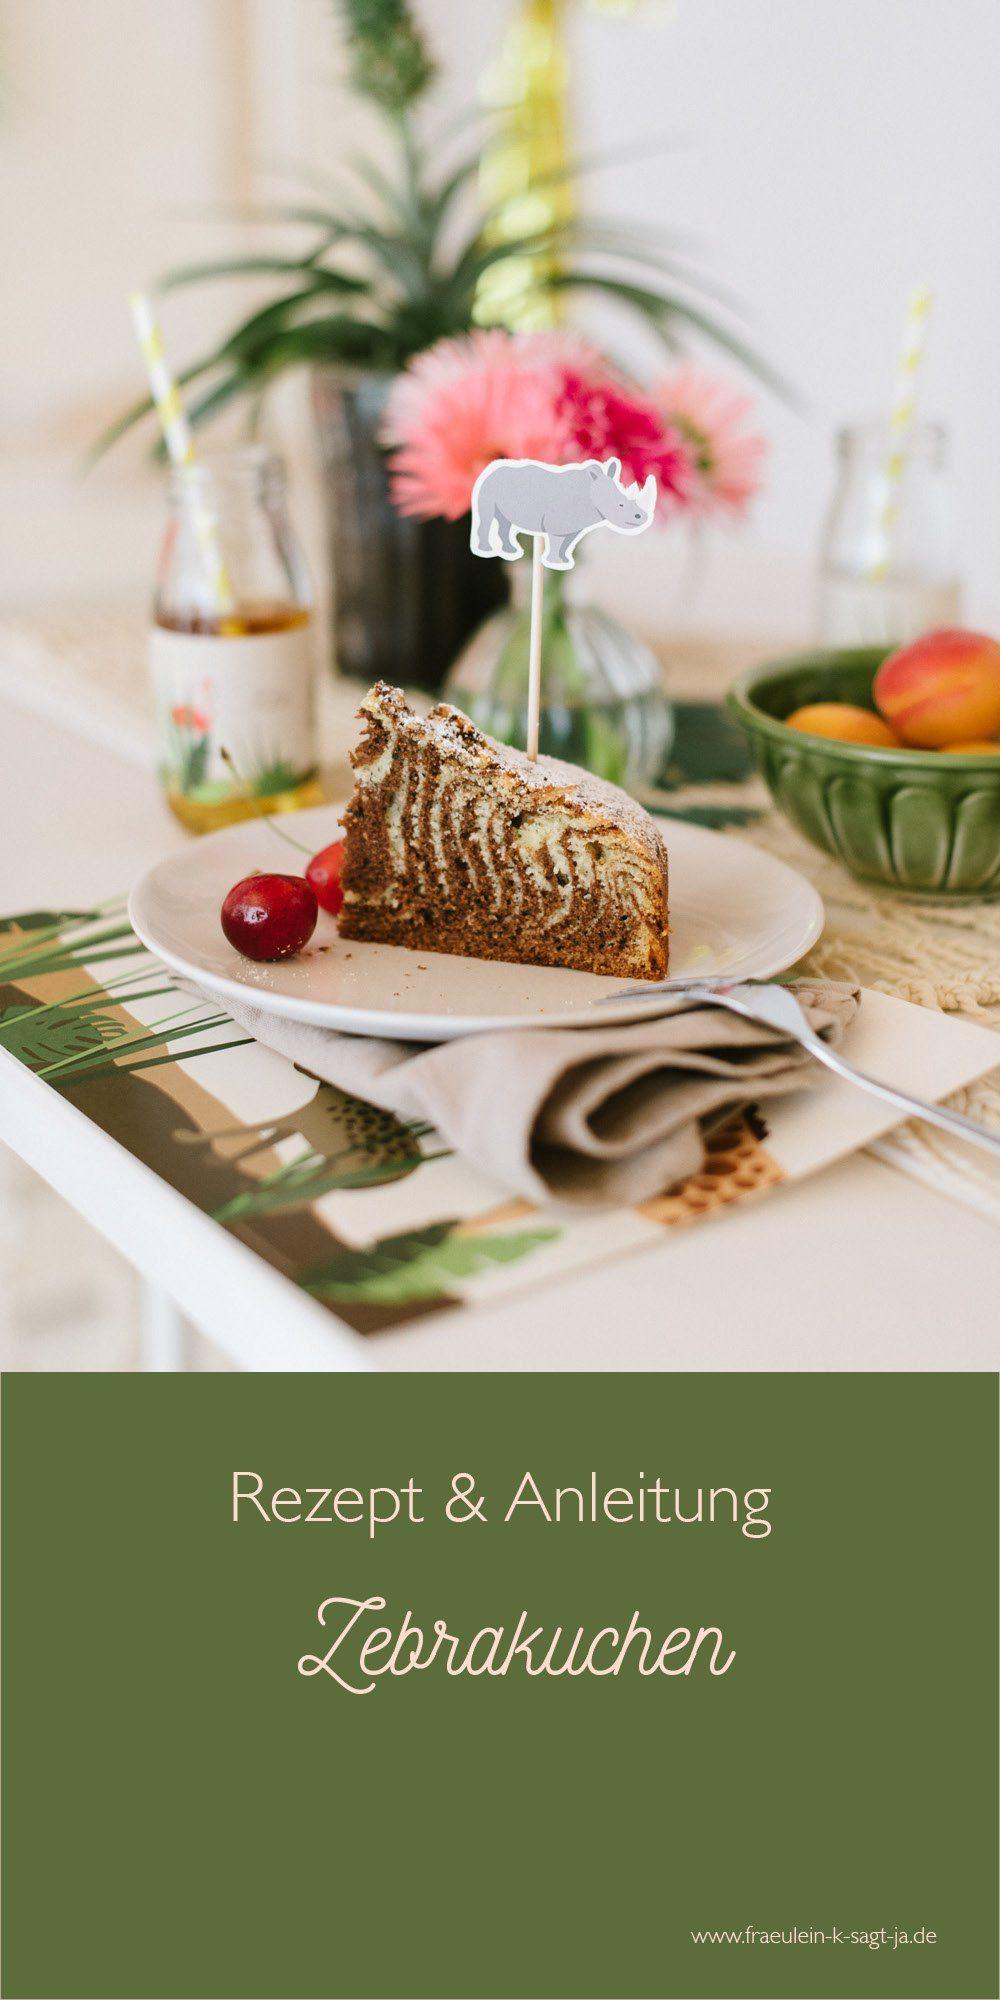 Rezept und Anleitung für einen Zebrakuchen